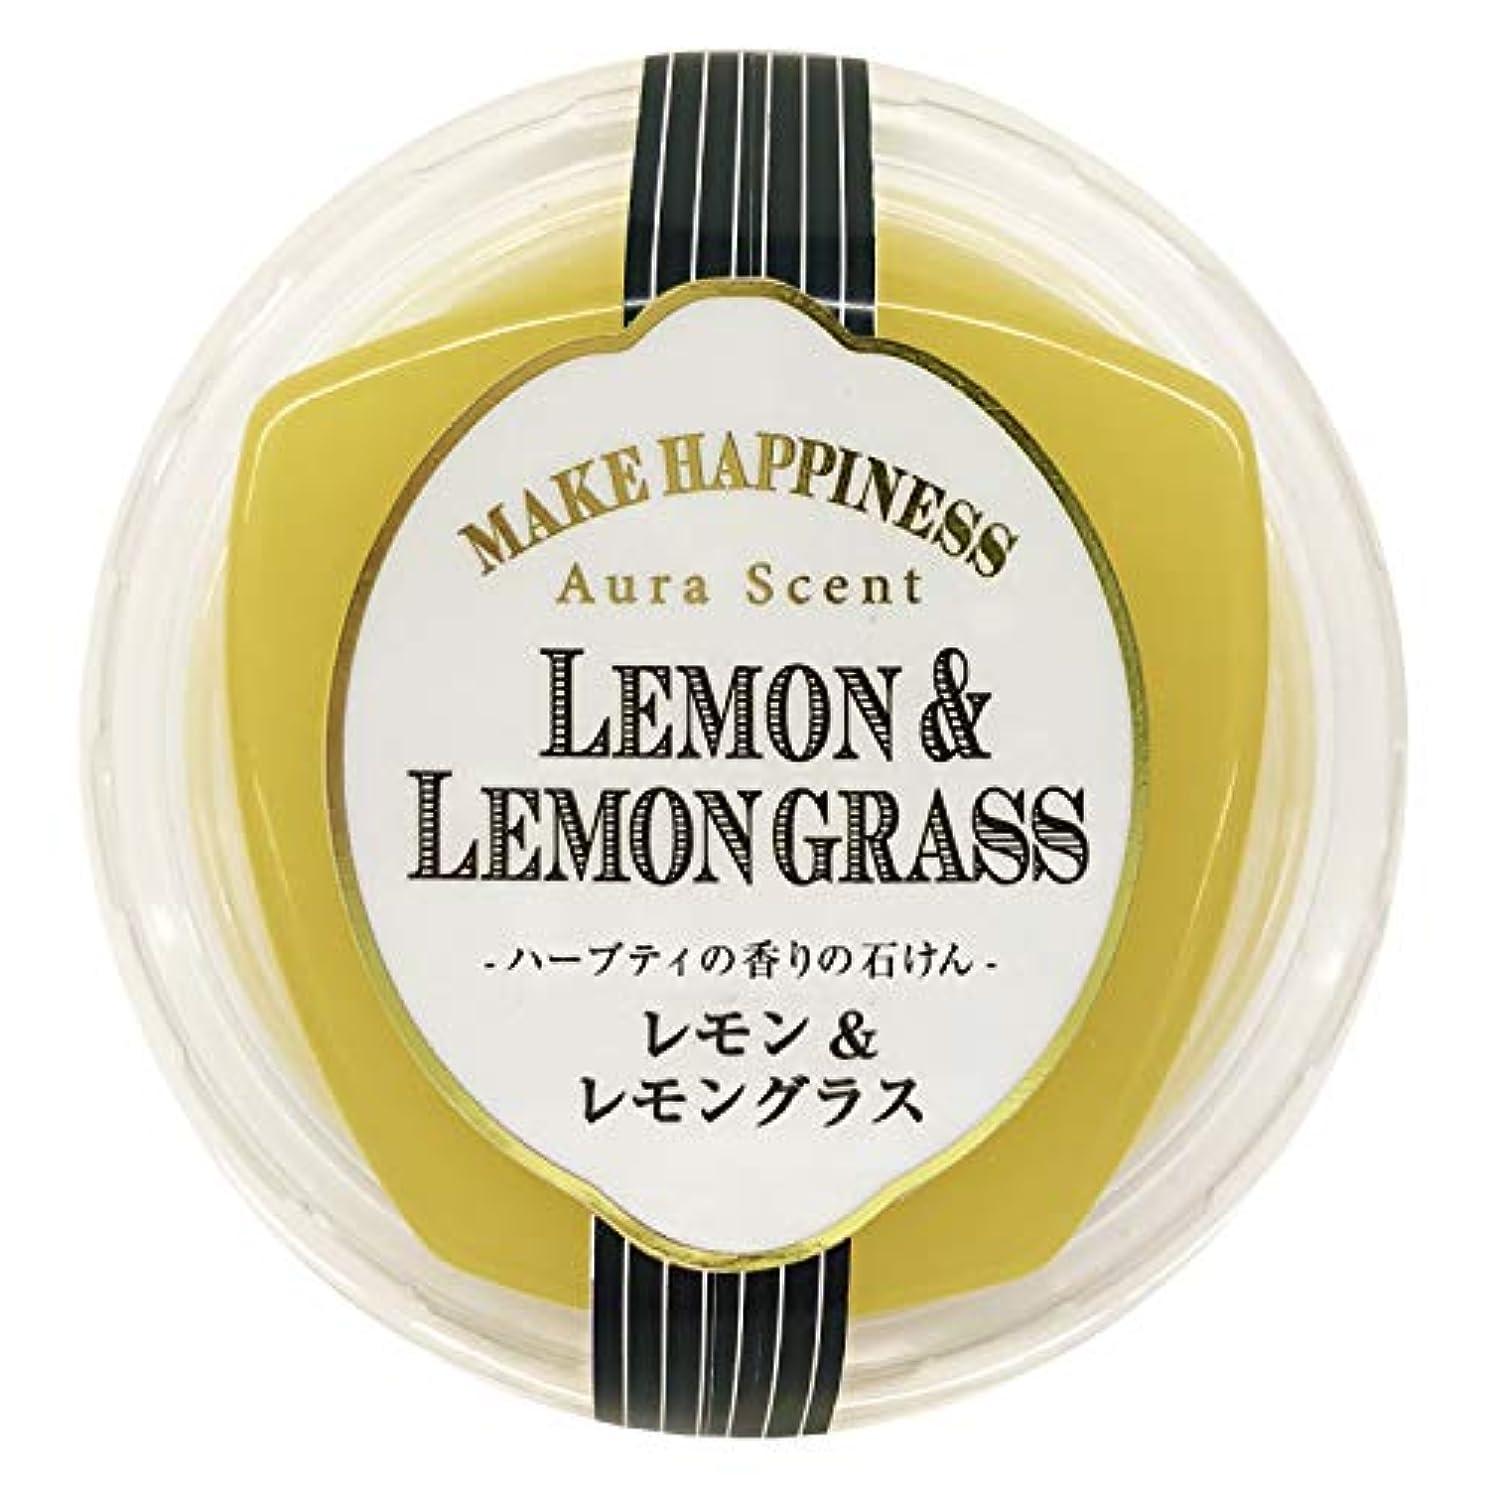 腐敗した能力カラスペリカン石鹸 オーラセント クリアソープ レモン&レモングラス 75g